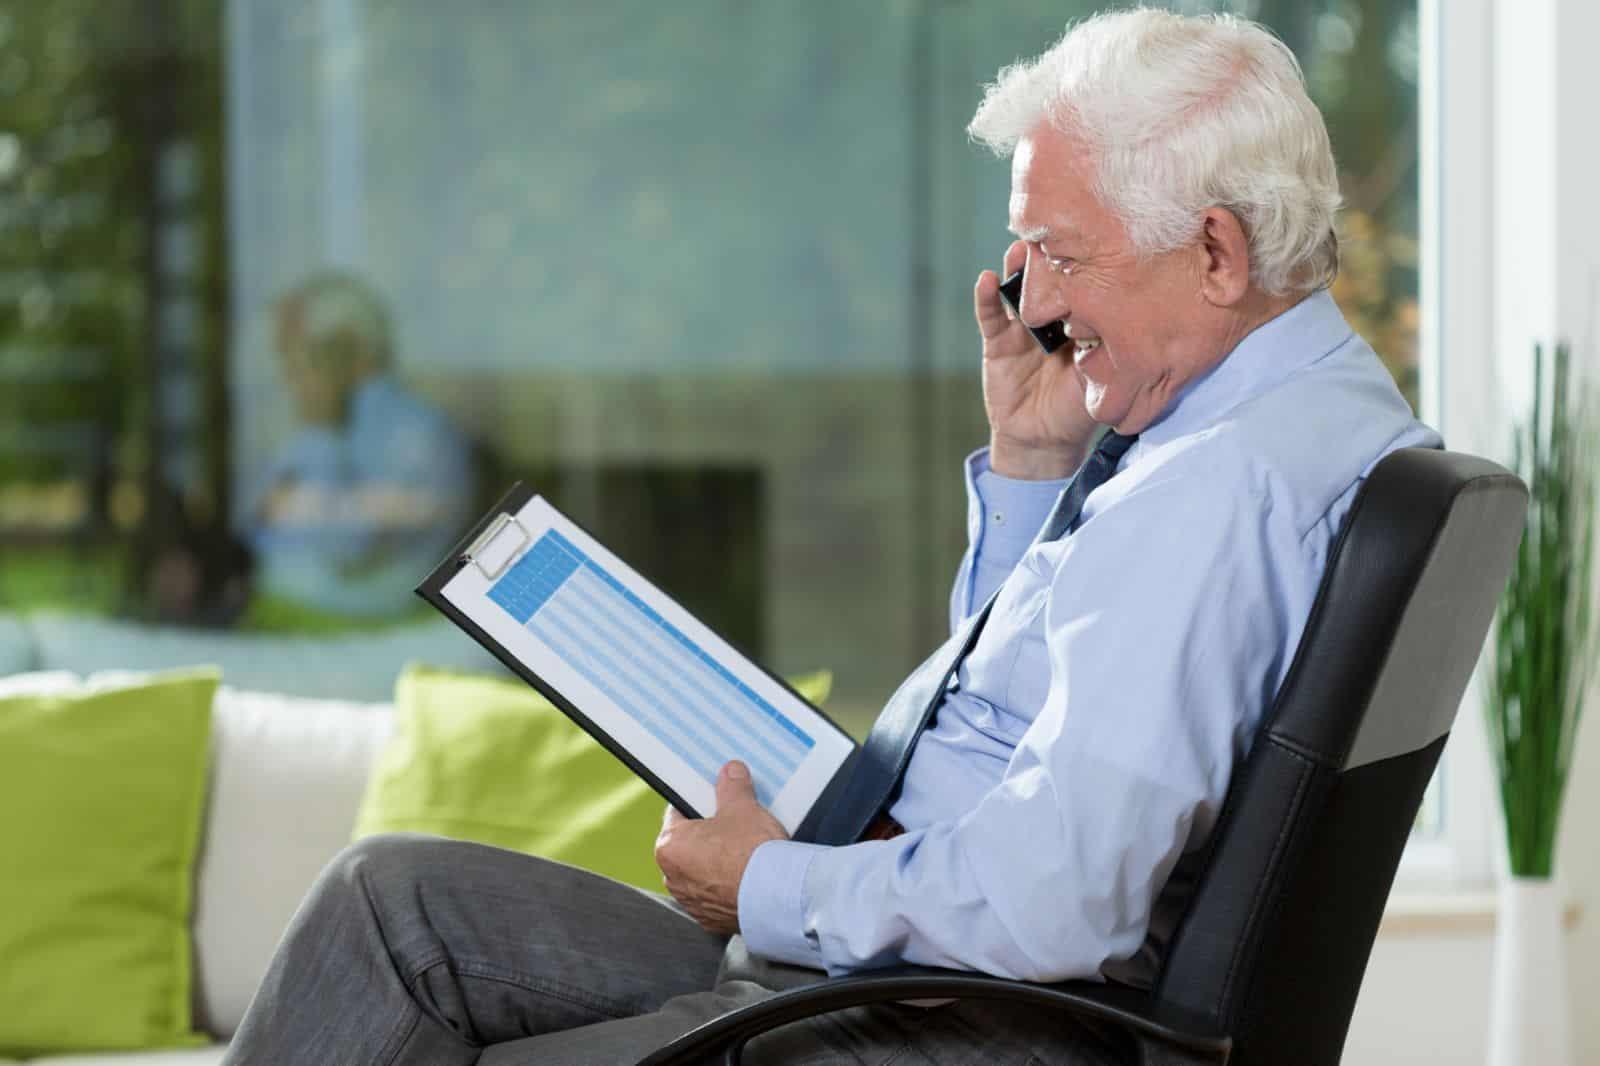 Как рассчитать пенсию индивидуальному предпринимателю